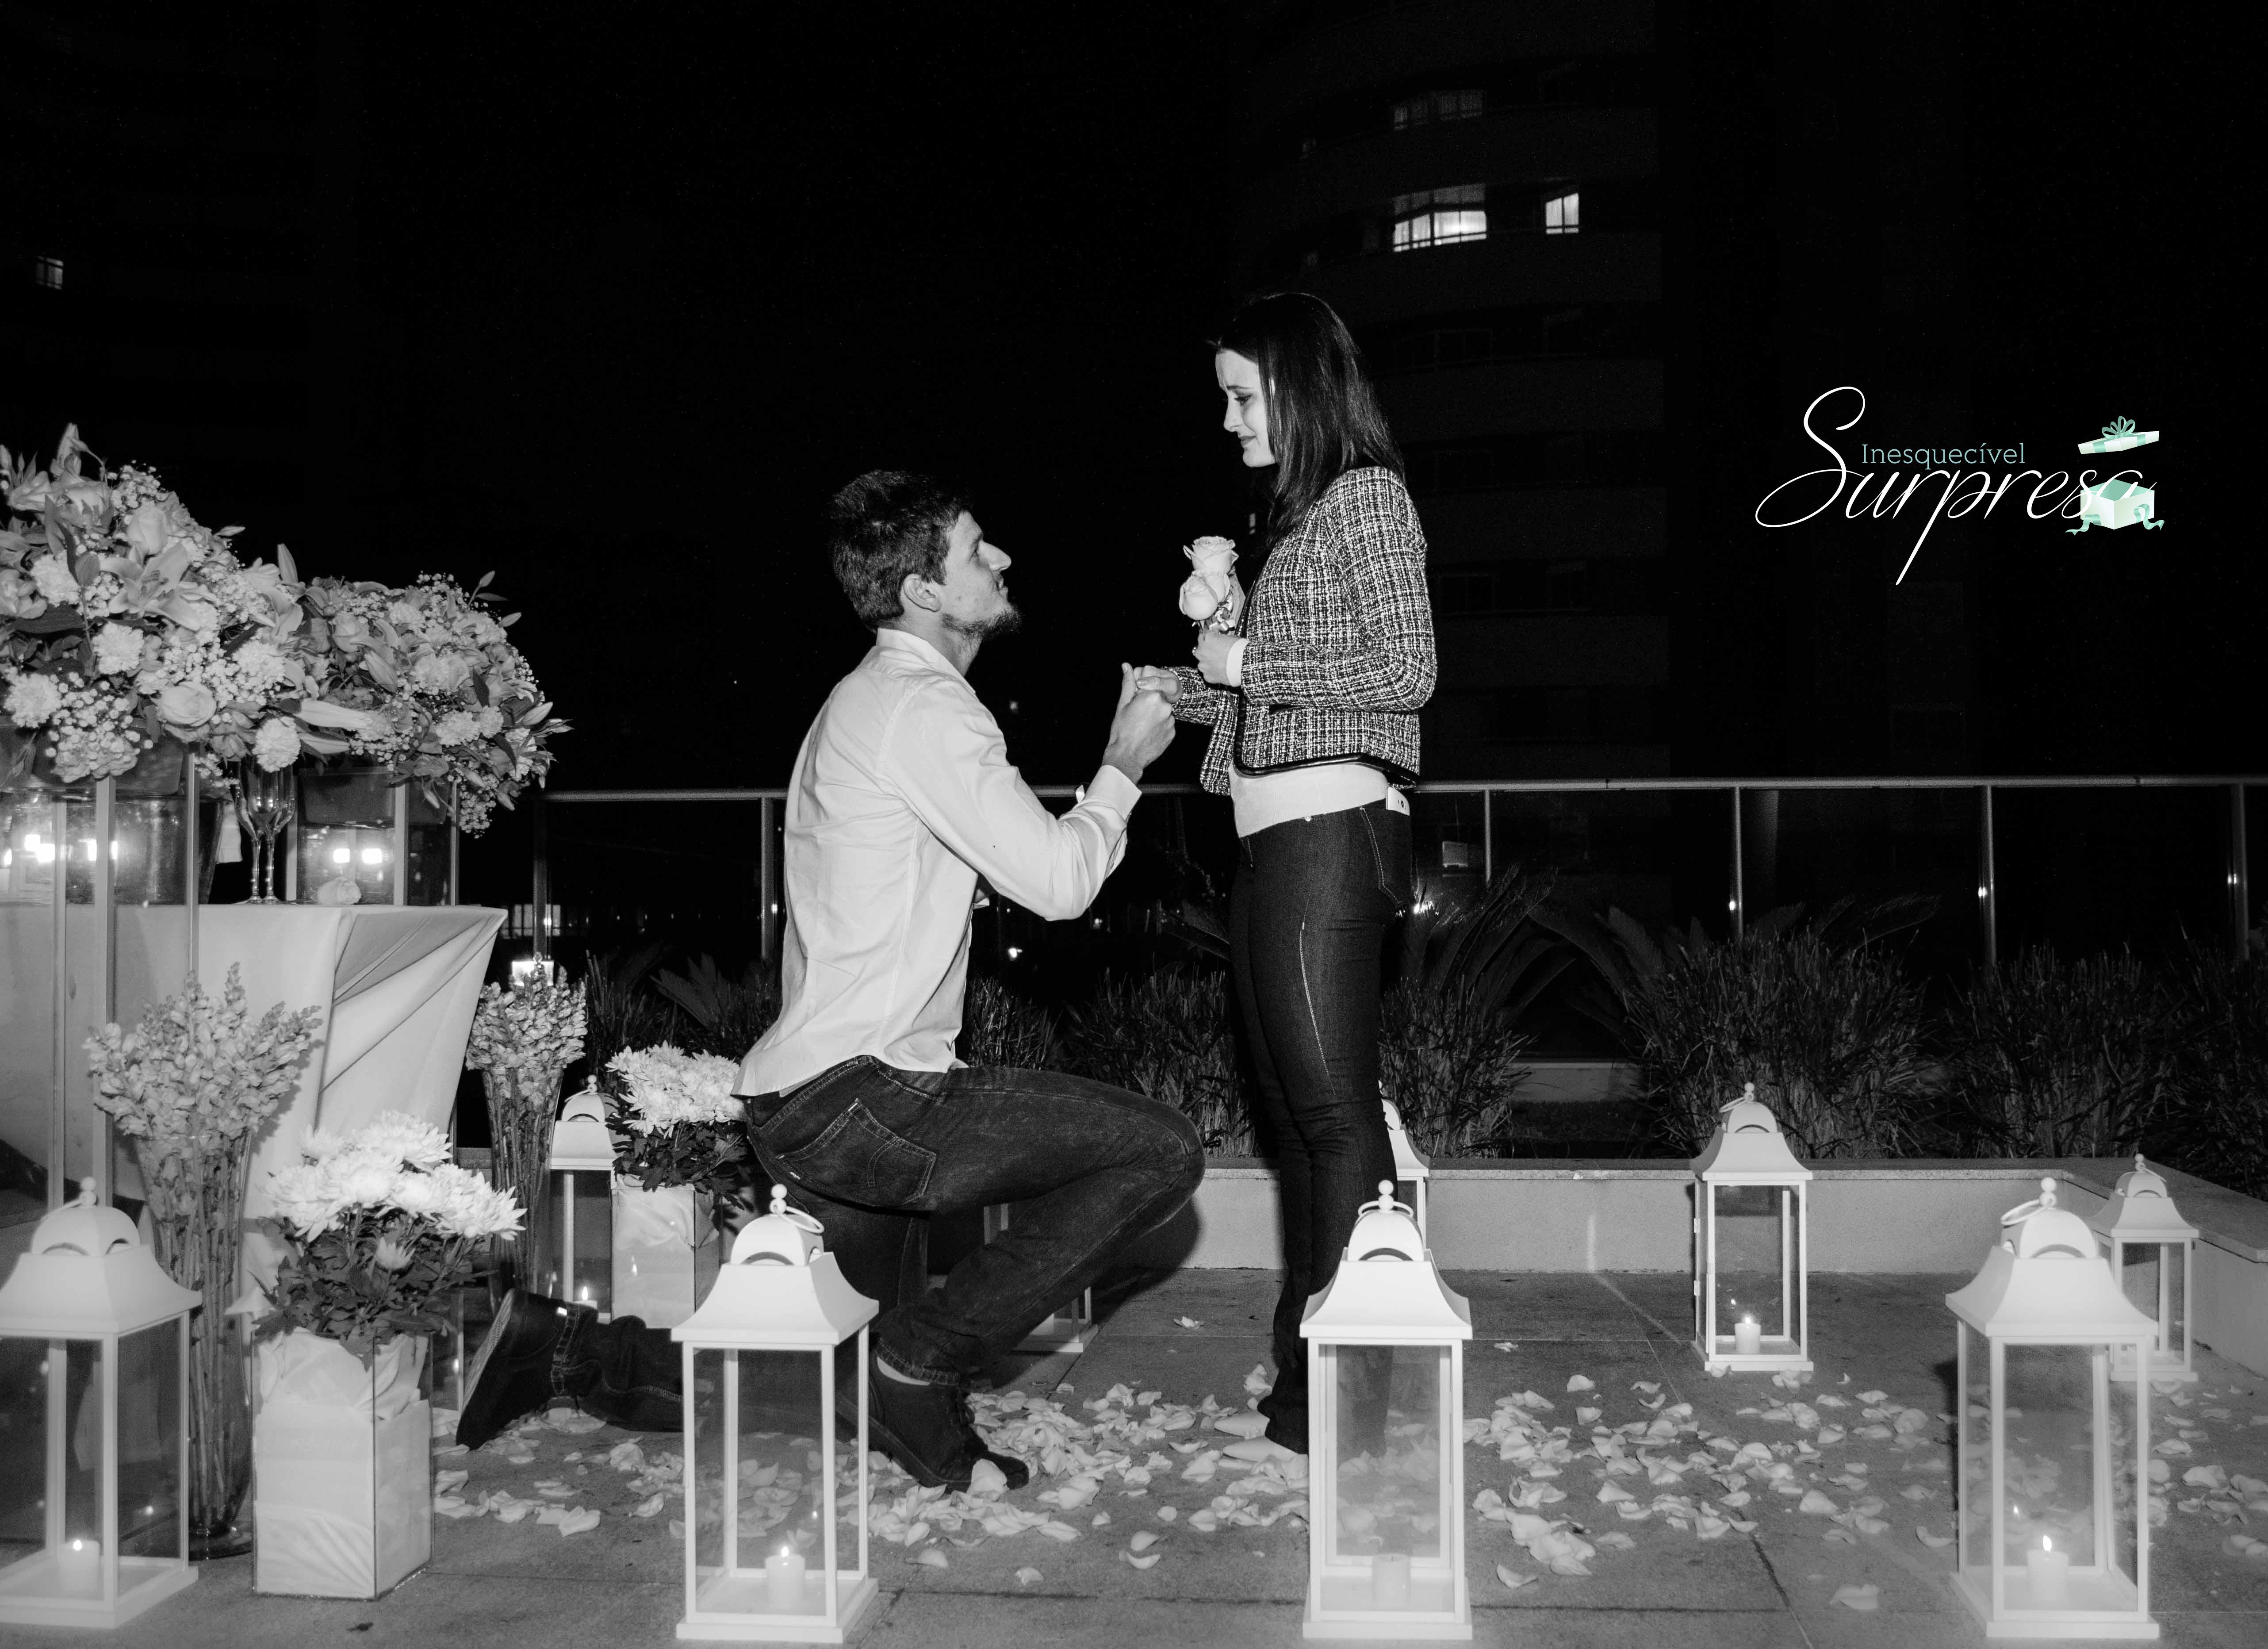 pedido de casamento emocionante